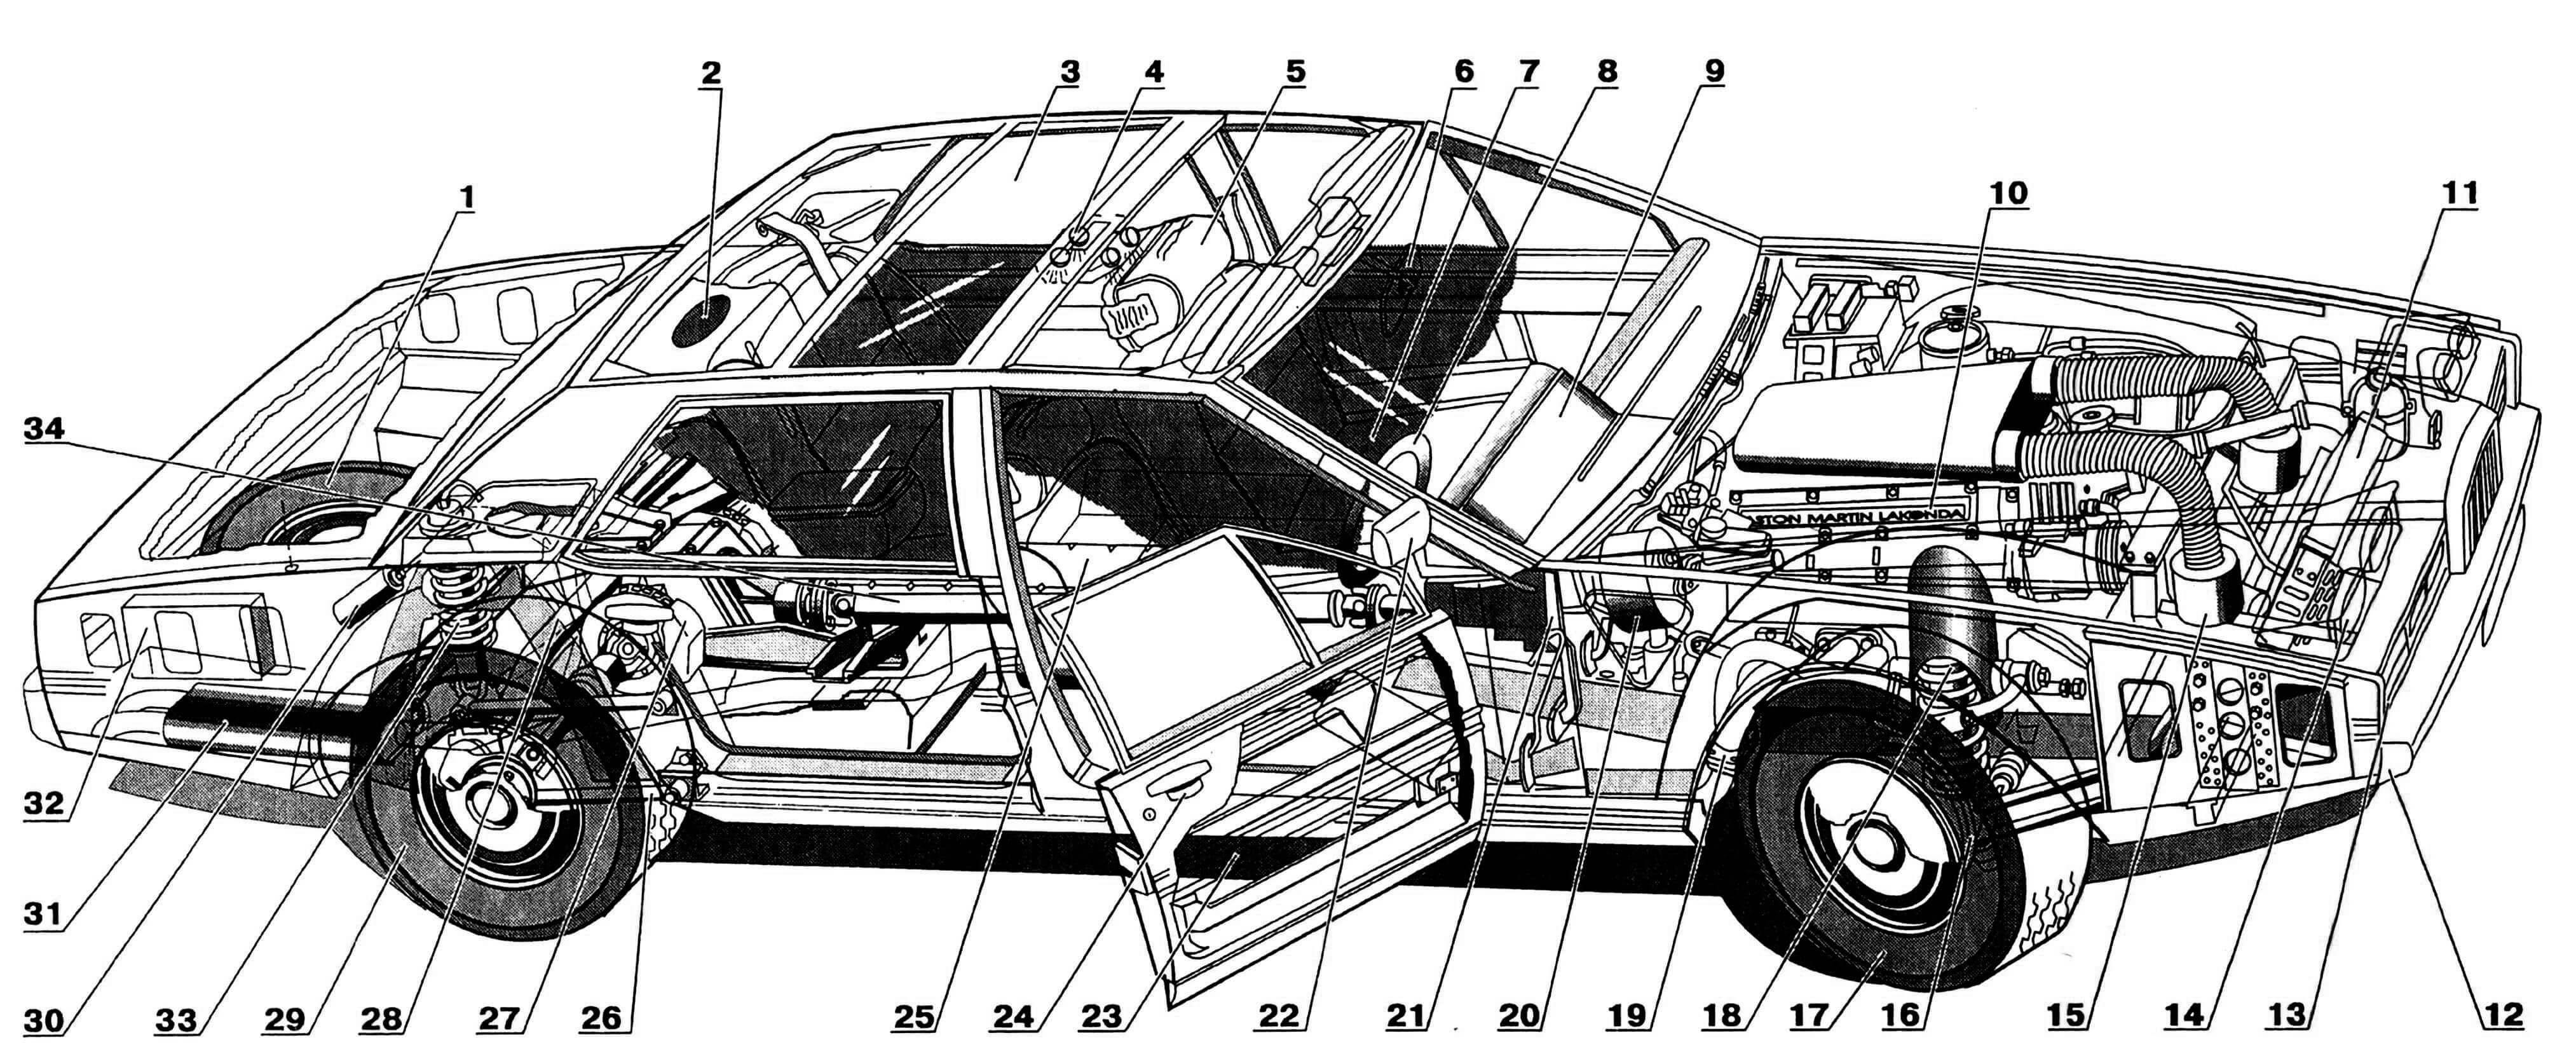 Компоновка автомобиля ASTON MARTIN LAGONDA: 1 — колесо запасное; 2 — динамик аудиосистемы; 3 — люк в крыше; 4 — группа светильников самолетного типа; 5 — подголовник; 6,22 — зеркала заднего обзора; 7 — сиденье пассажира; 8 — колесо рулевое; 9 — панель приборов; 10 — двигатель; 11 — радиатор системы охлаждения; 12— бампер; 13 — указатель поворота и габаритный фонарь; 14 — фары выдвижные; 15 — фильтр воздушный; 16 — тормоз дисковый, передний; 17 — колесо переднее; 18 — пружина подвески; 19 — система выпускная; 20 — пневмоусилитель тормозов; 21 — блок педальный; 23 — дверь передняя; 24 — ручка дверная; 25 — сиденье водителя; 26 — рычаг задней подвески, продольный; 27 — тормоз дисковый, задний; 28 —рычаг De Dion; 29 — колесо заднее; 30 — баллон с газом для управляемого амортизатора Koni; 31 — глушитель; 32 — коробка с инструментами; 33 — пружина задней подвески; 34 — вал карданный.